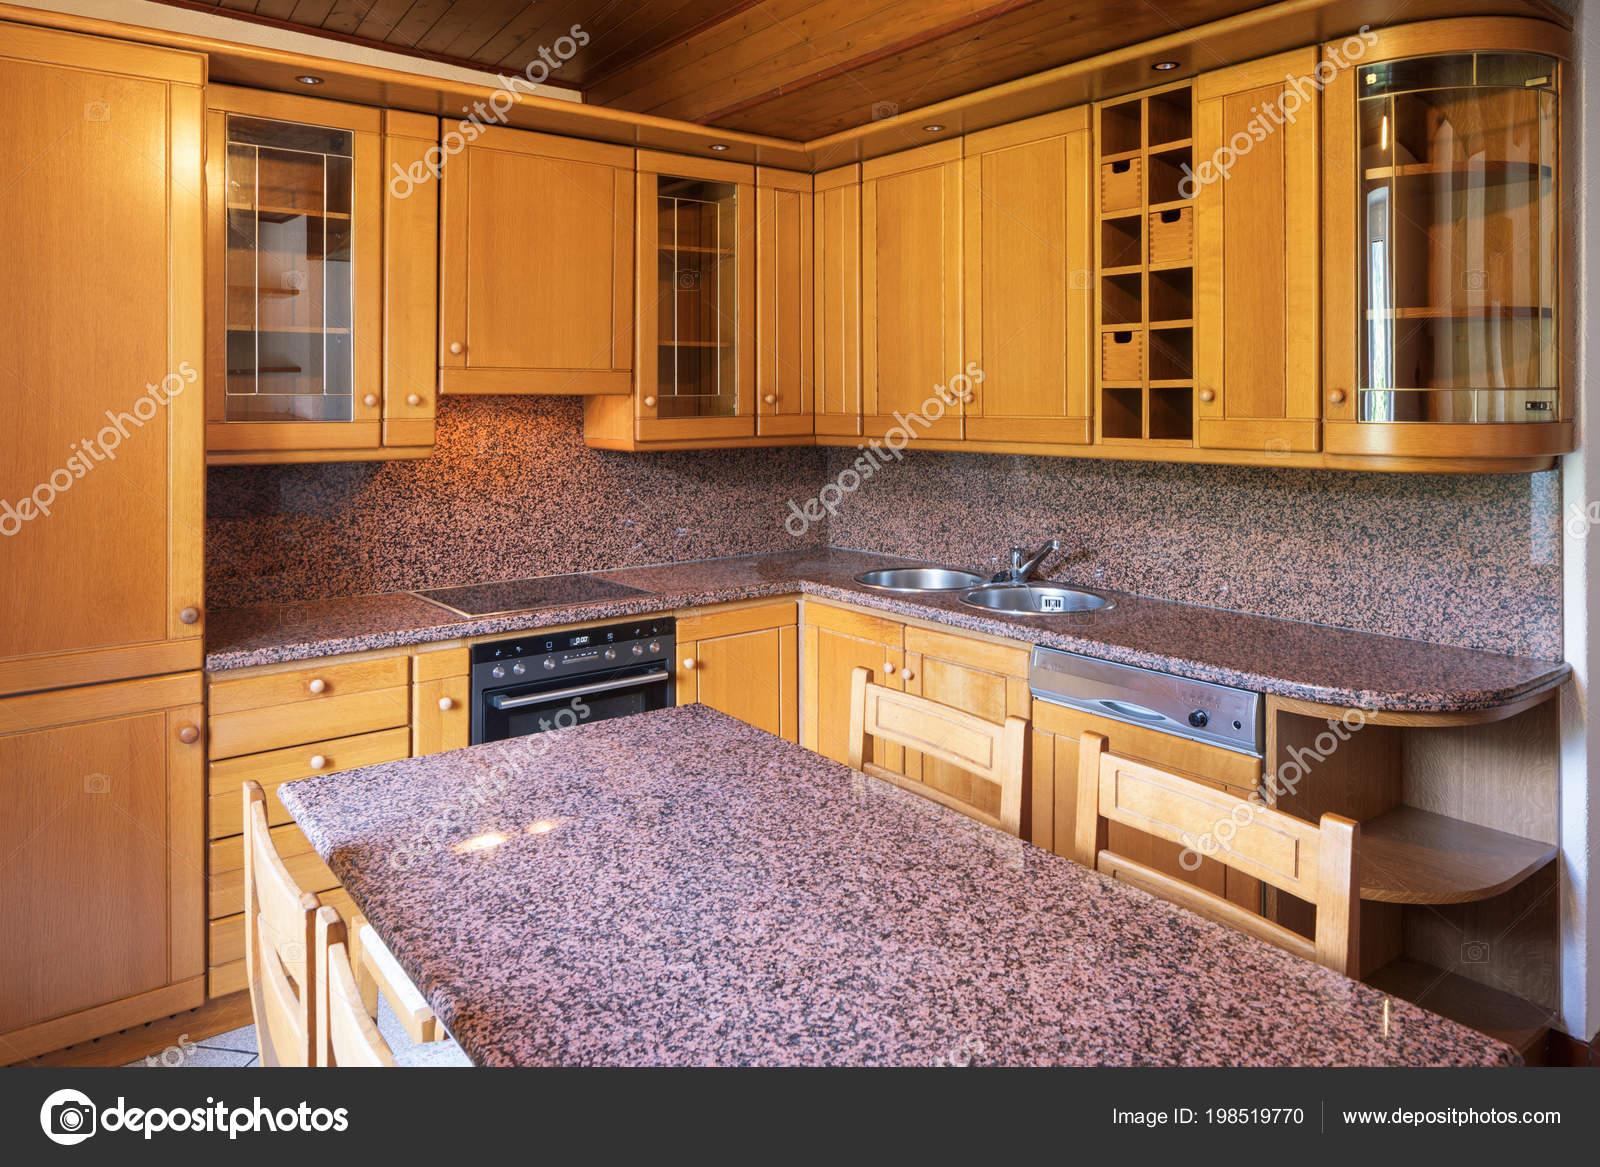 Cocina Con Mesa Muebles Madera Nadie Dentro — Foto de stock ...